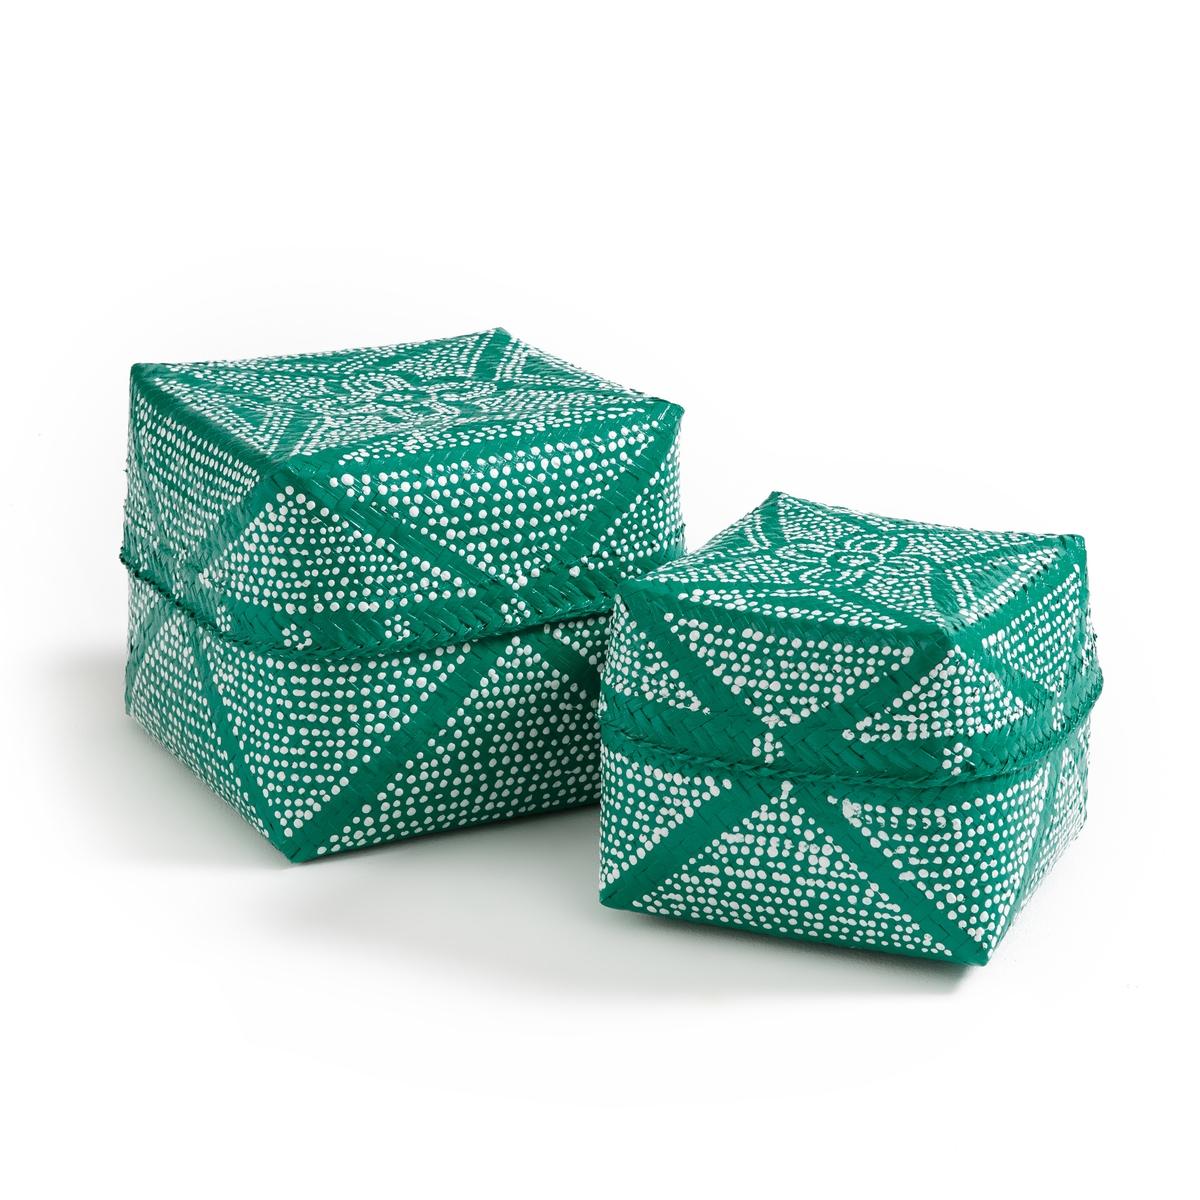 Комплект из 2 коробок для хранения Nerfertoum